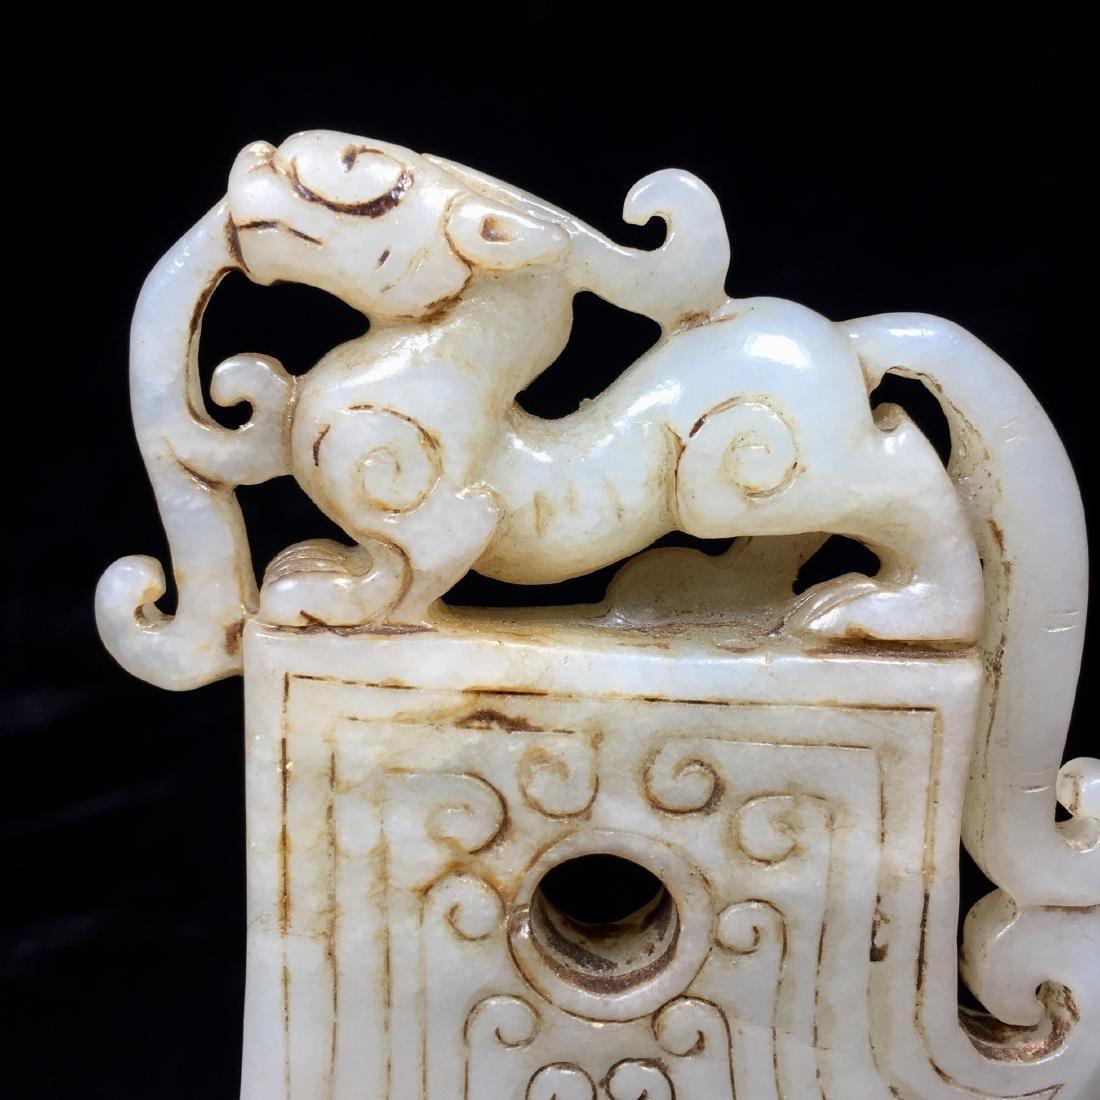 Chinese Hetian White Jade Pendant - 3